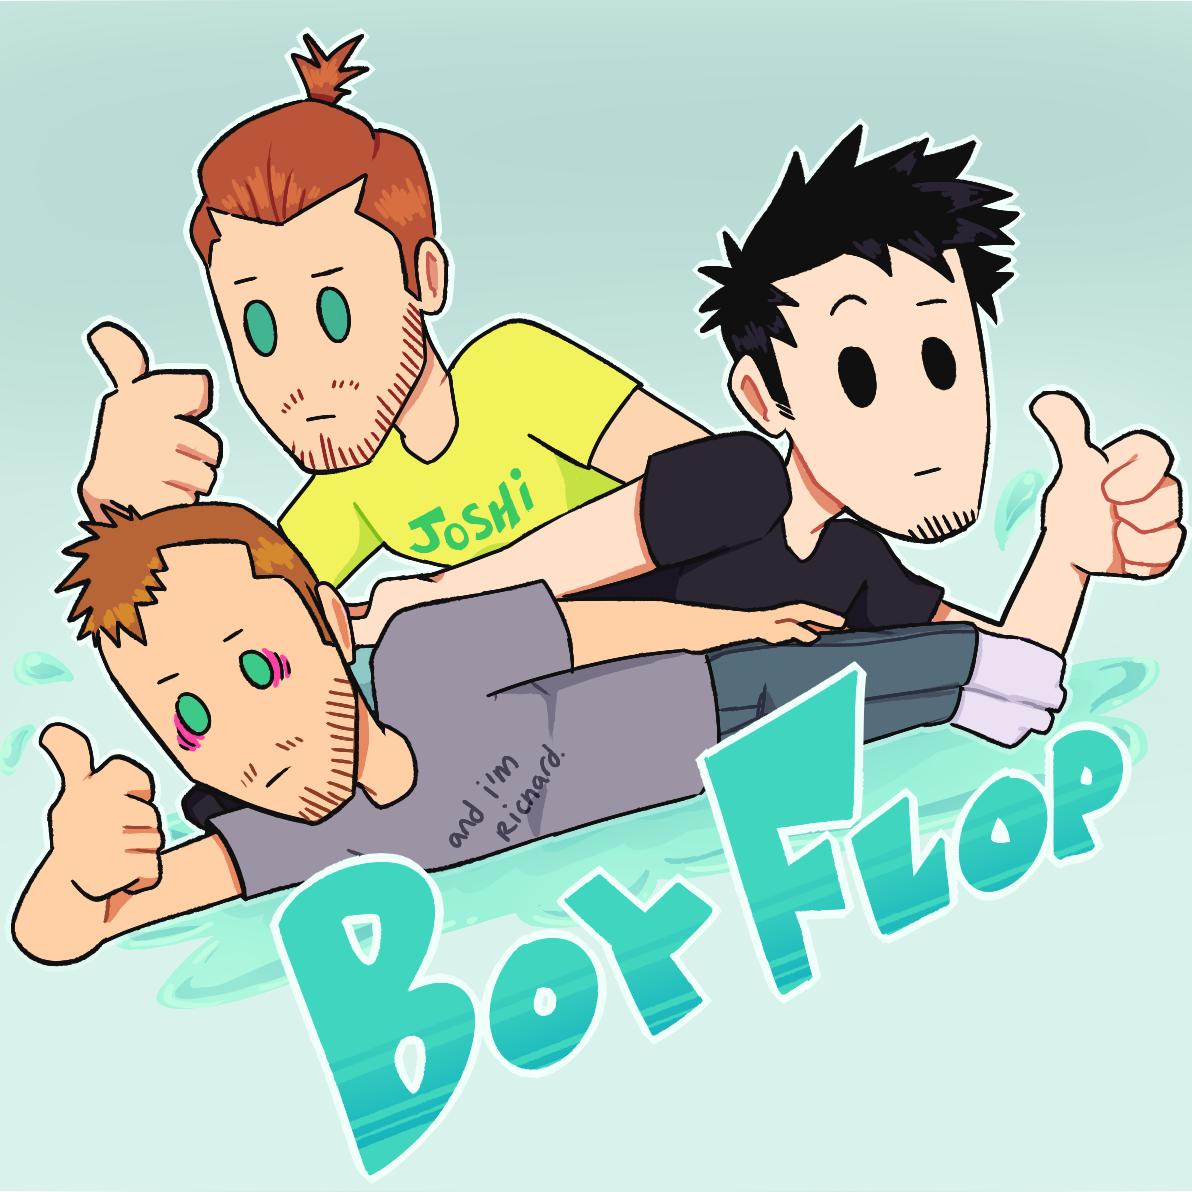 flopboy